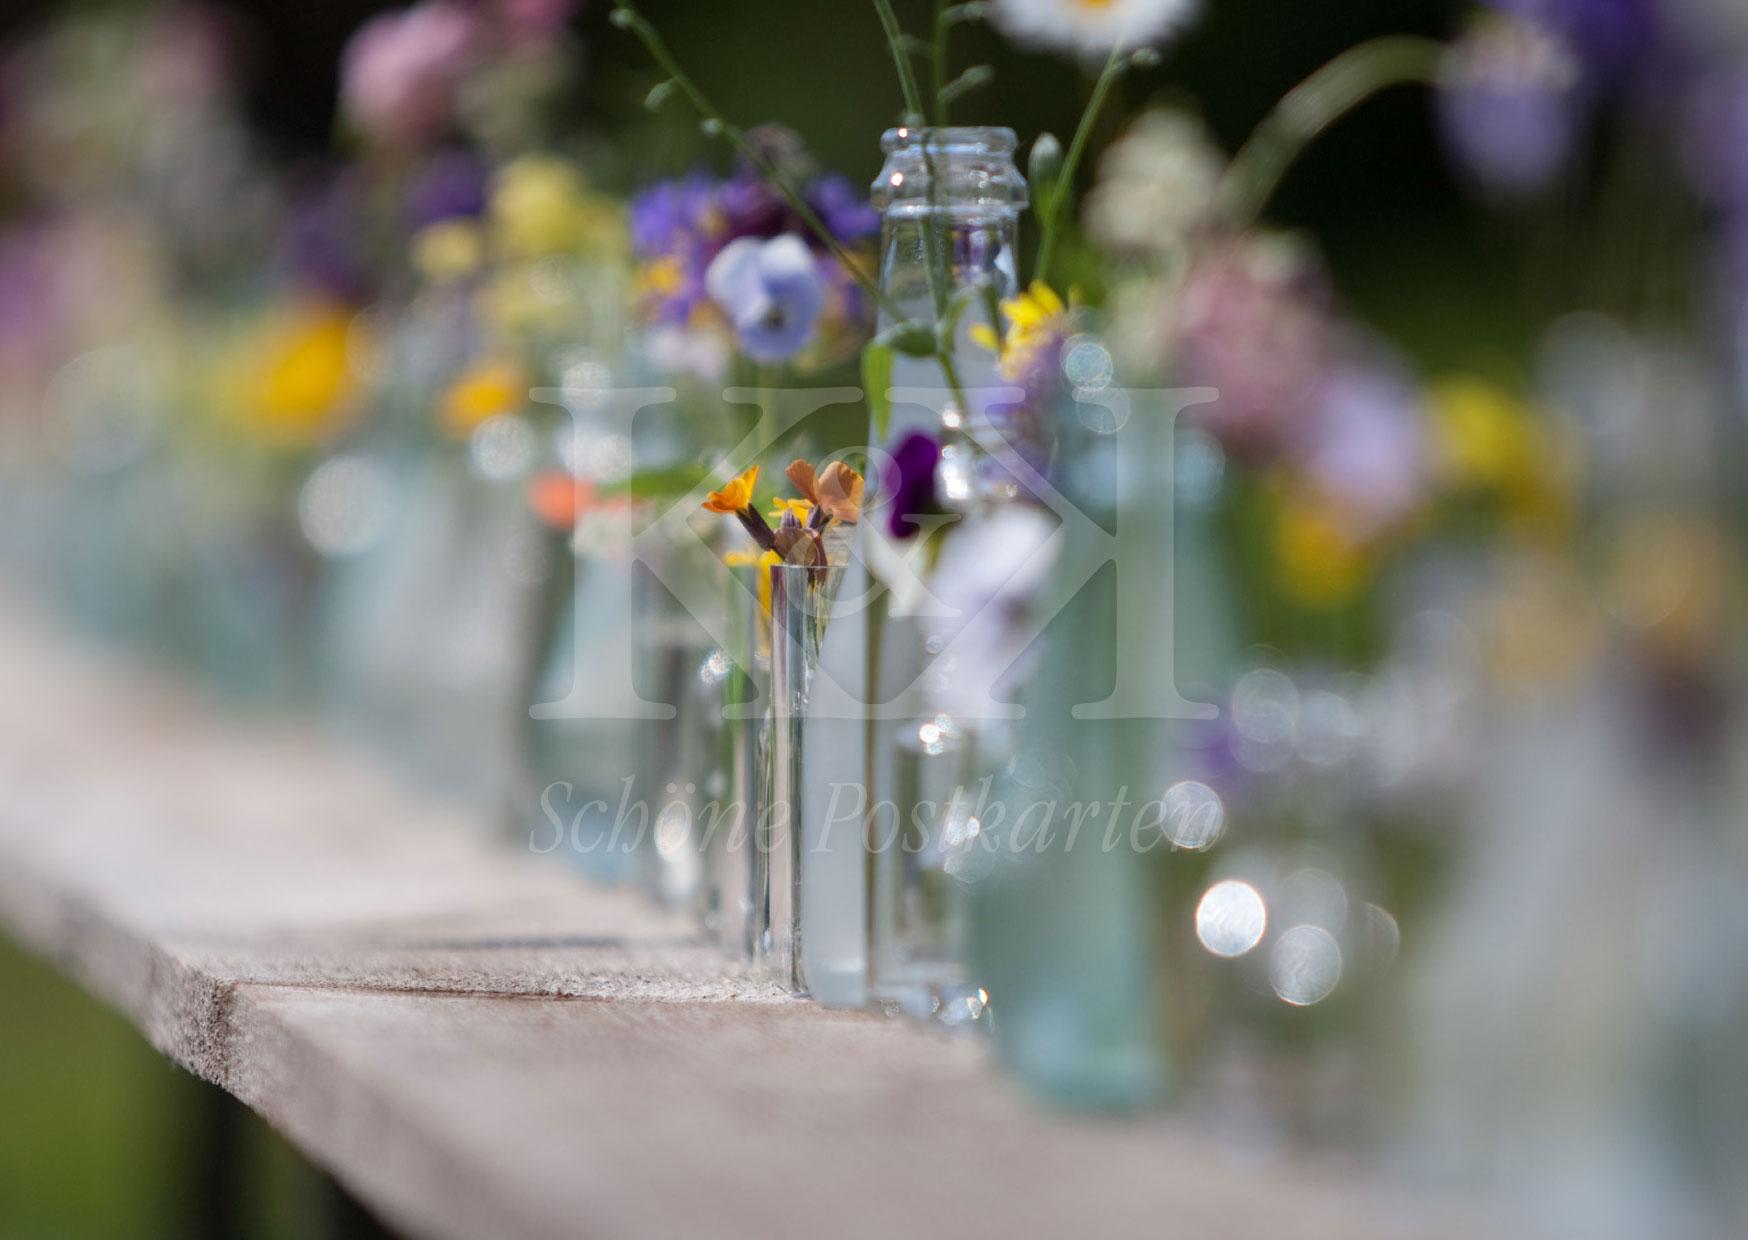 Schöne Postkarte Nr. 3 · Blumen und Gläser © 2017